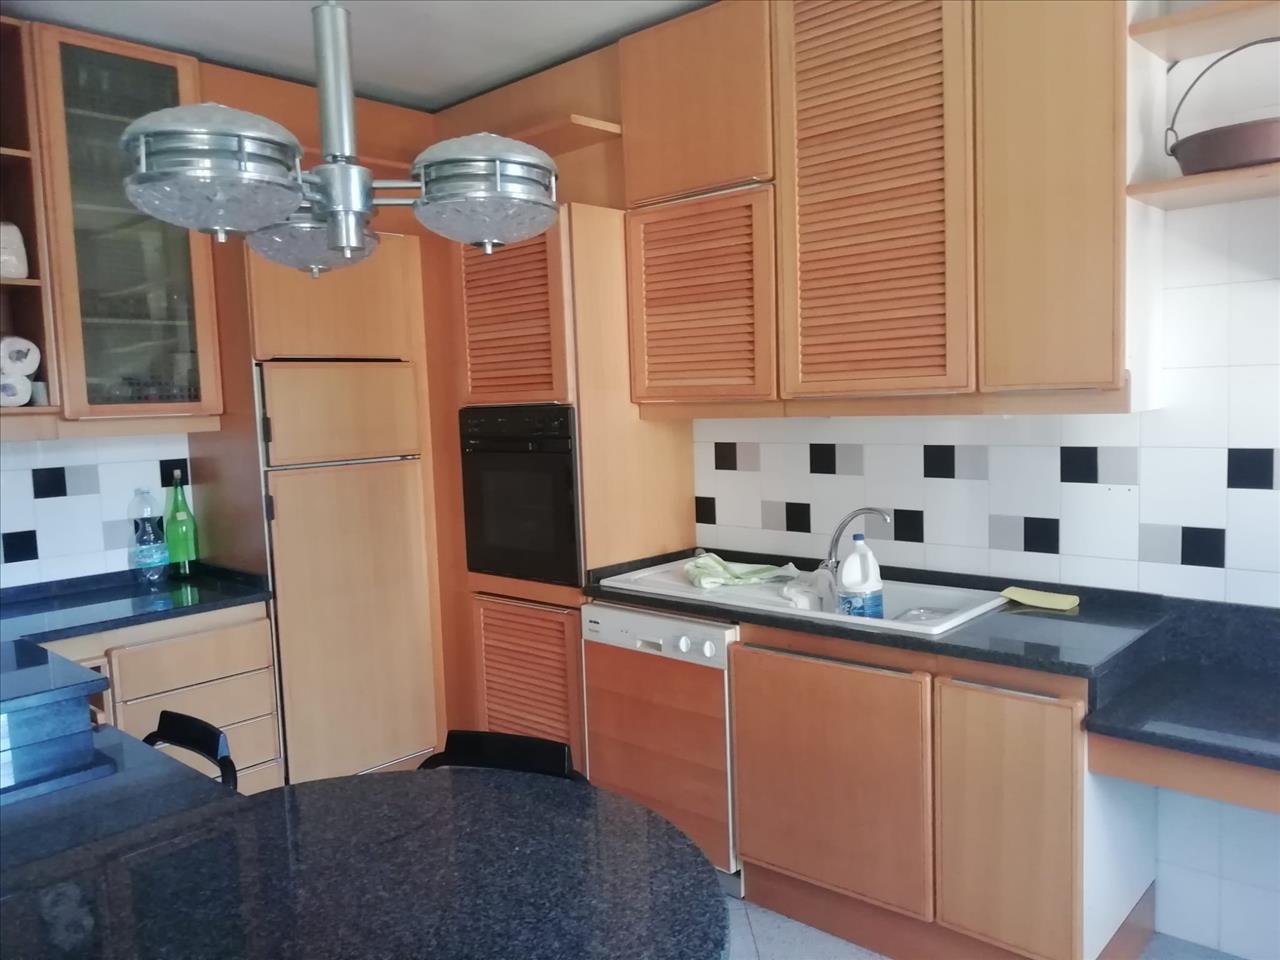 Villa in vendita a Rivergaro, 5 locali, prezzo € 170.000 | CambioCasa.it